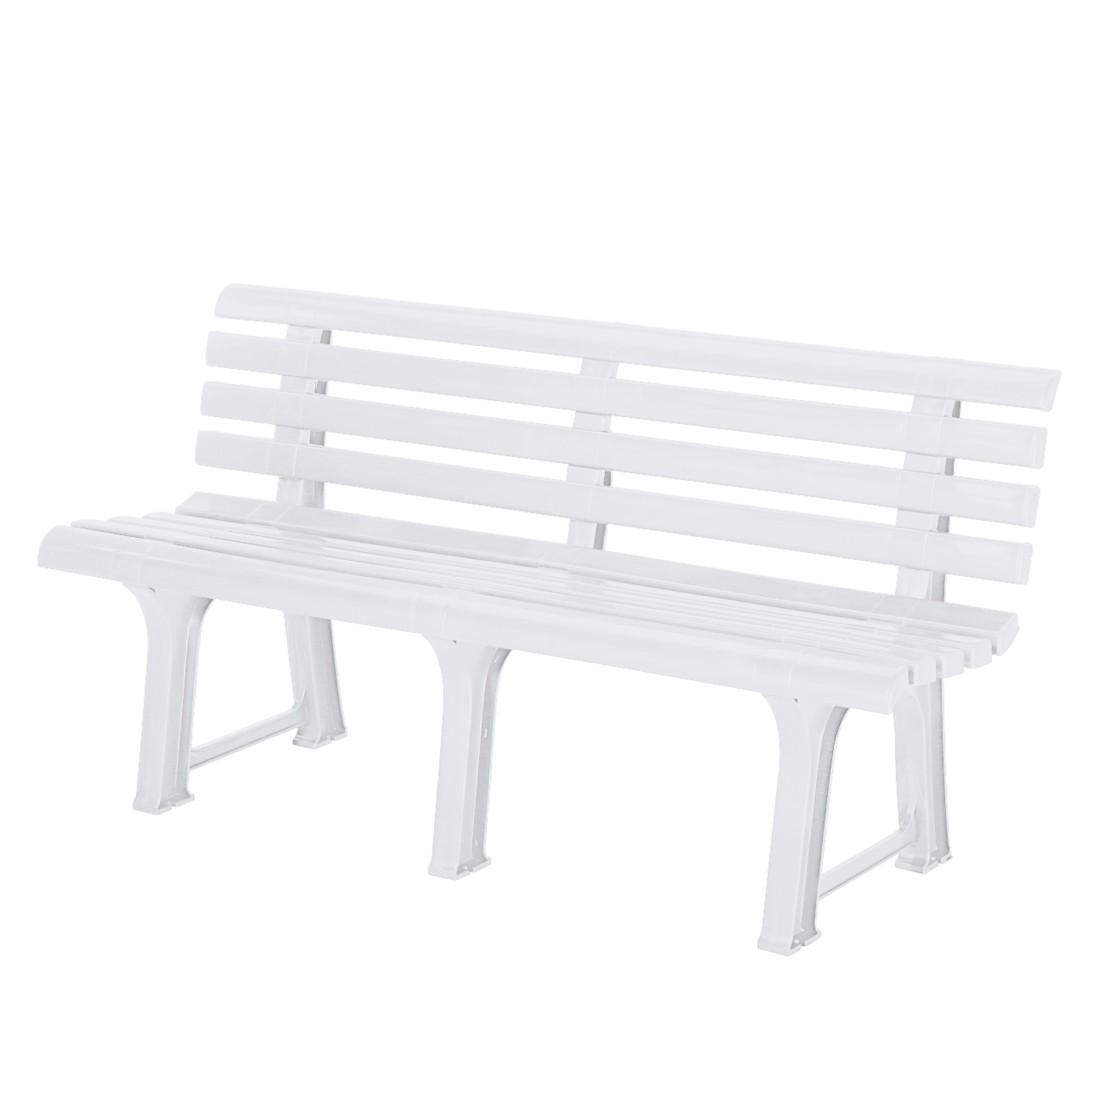 Gartenbank Bregenz - Kunststoff - Weiß, Best Freizeitmöbel